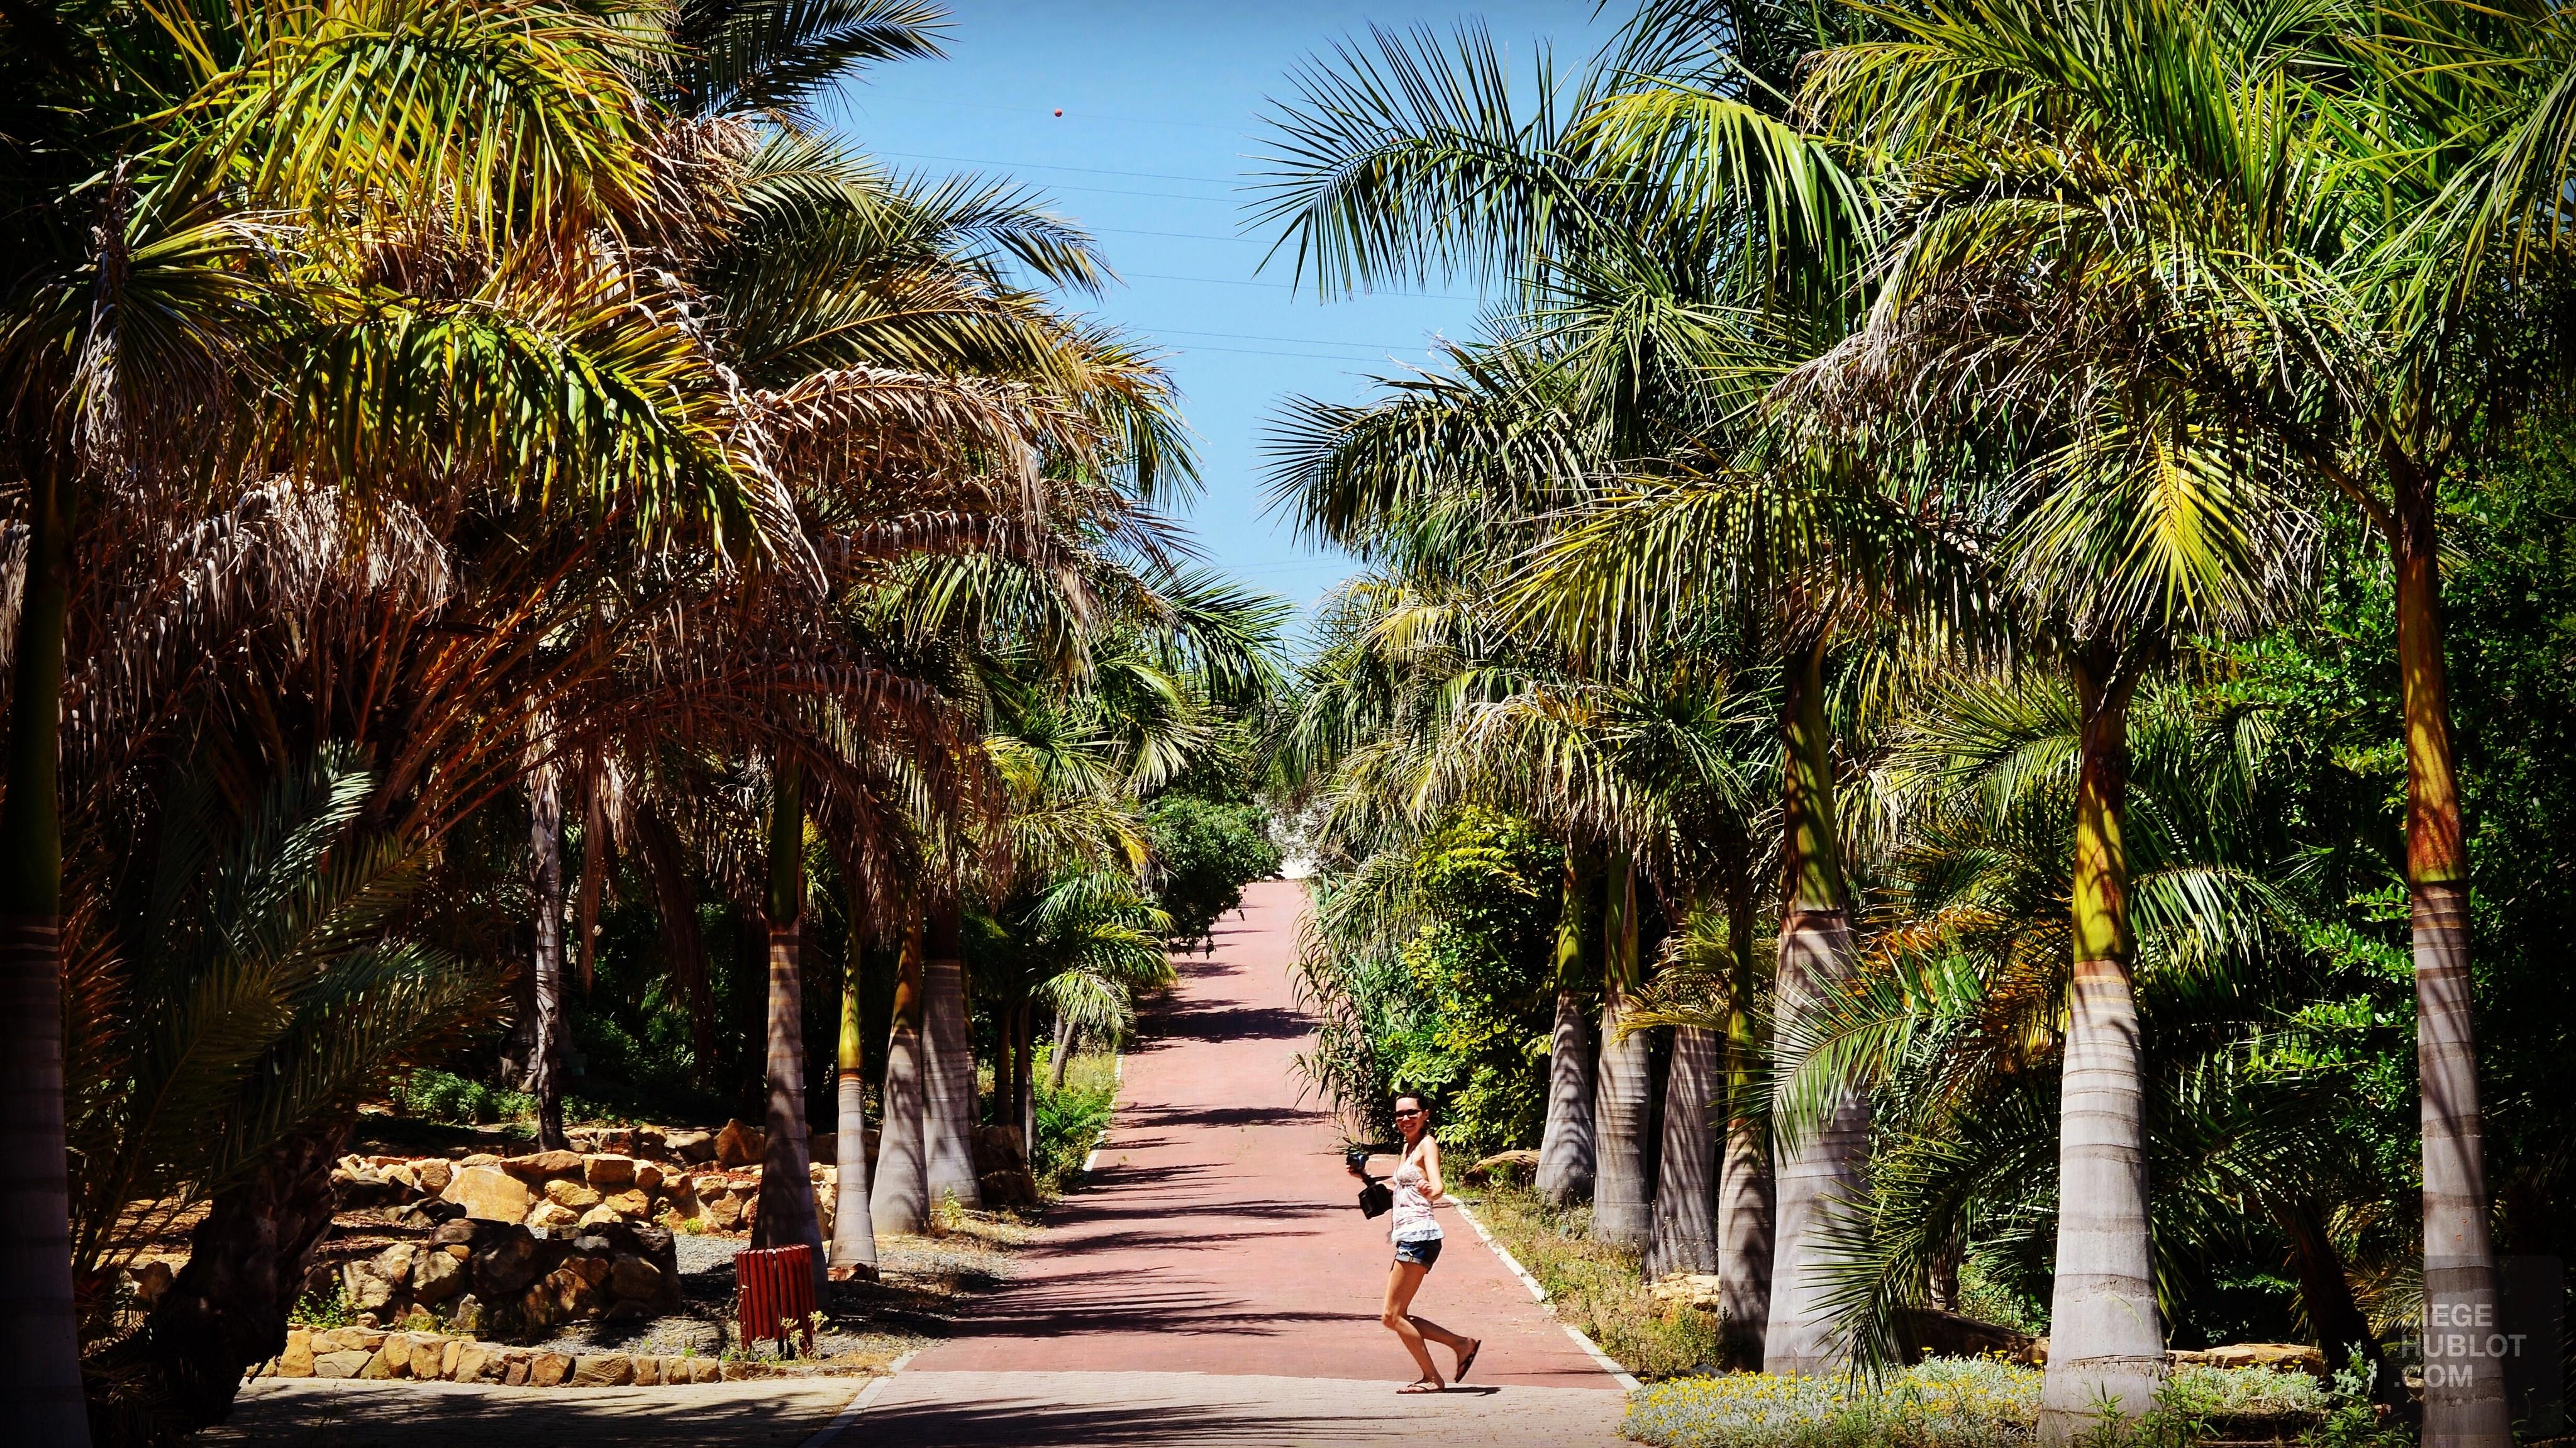 Merveilleuse Malaga - videos, hotels, europe, espagne, entete-de-categorie, cafes-restos, cafes, a-faire